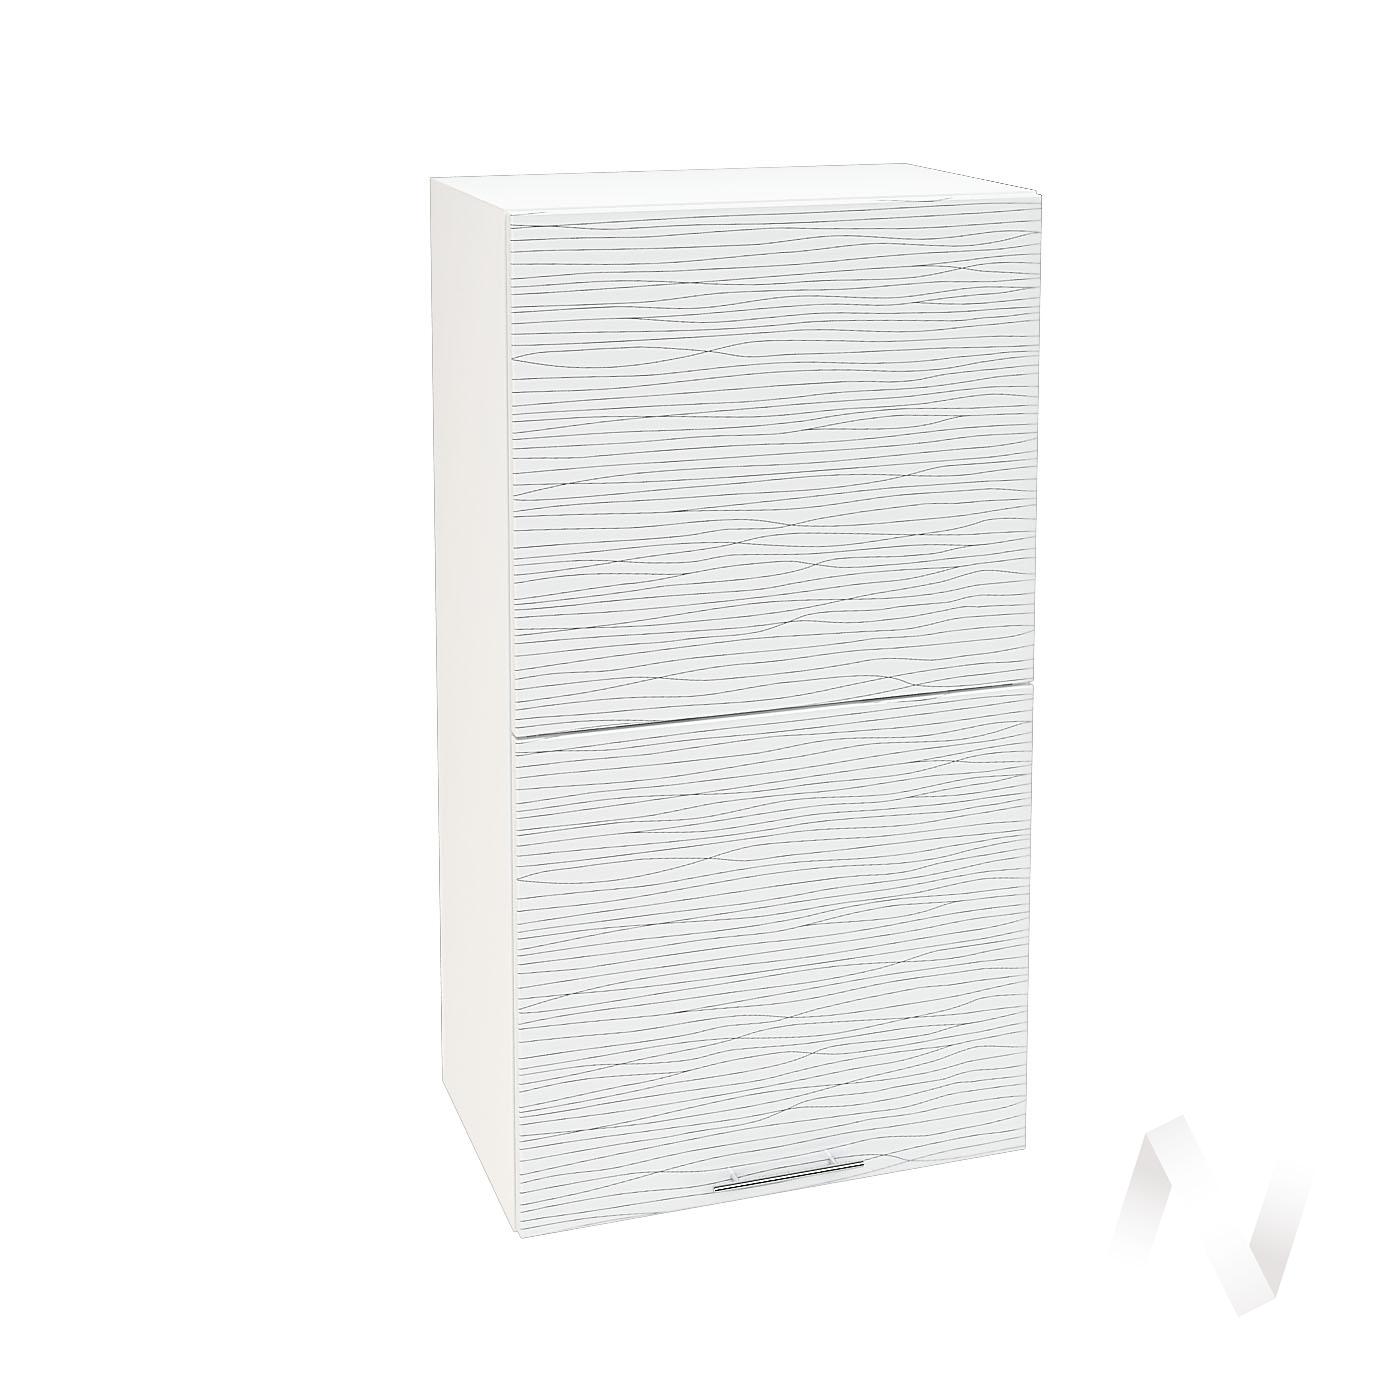 """Кухня """"Валерия-М"""": Шкаф верхний горизонтальный 502, ШВГ 502 (Страйп белый/корпус белый)"""